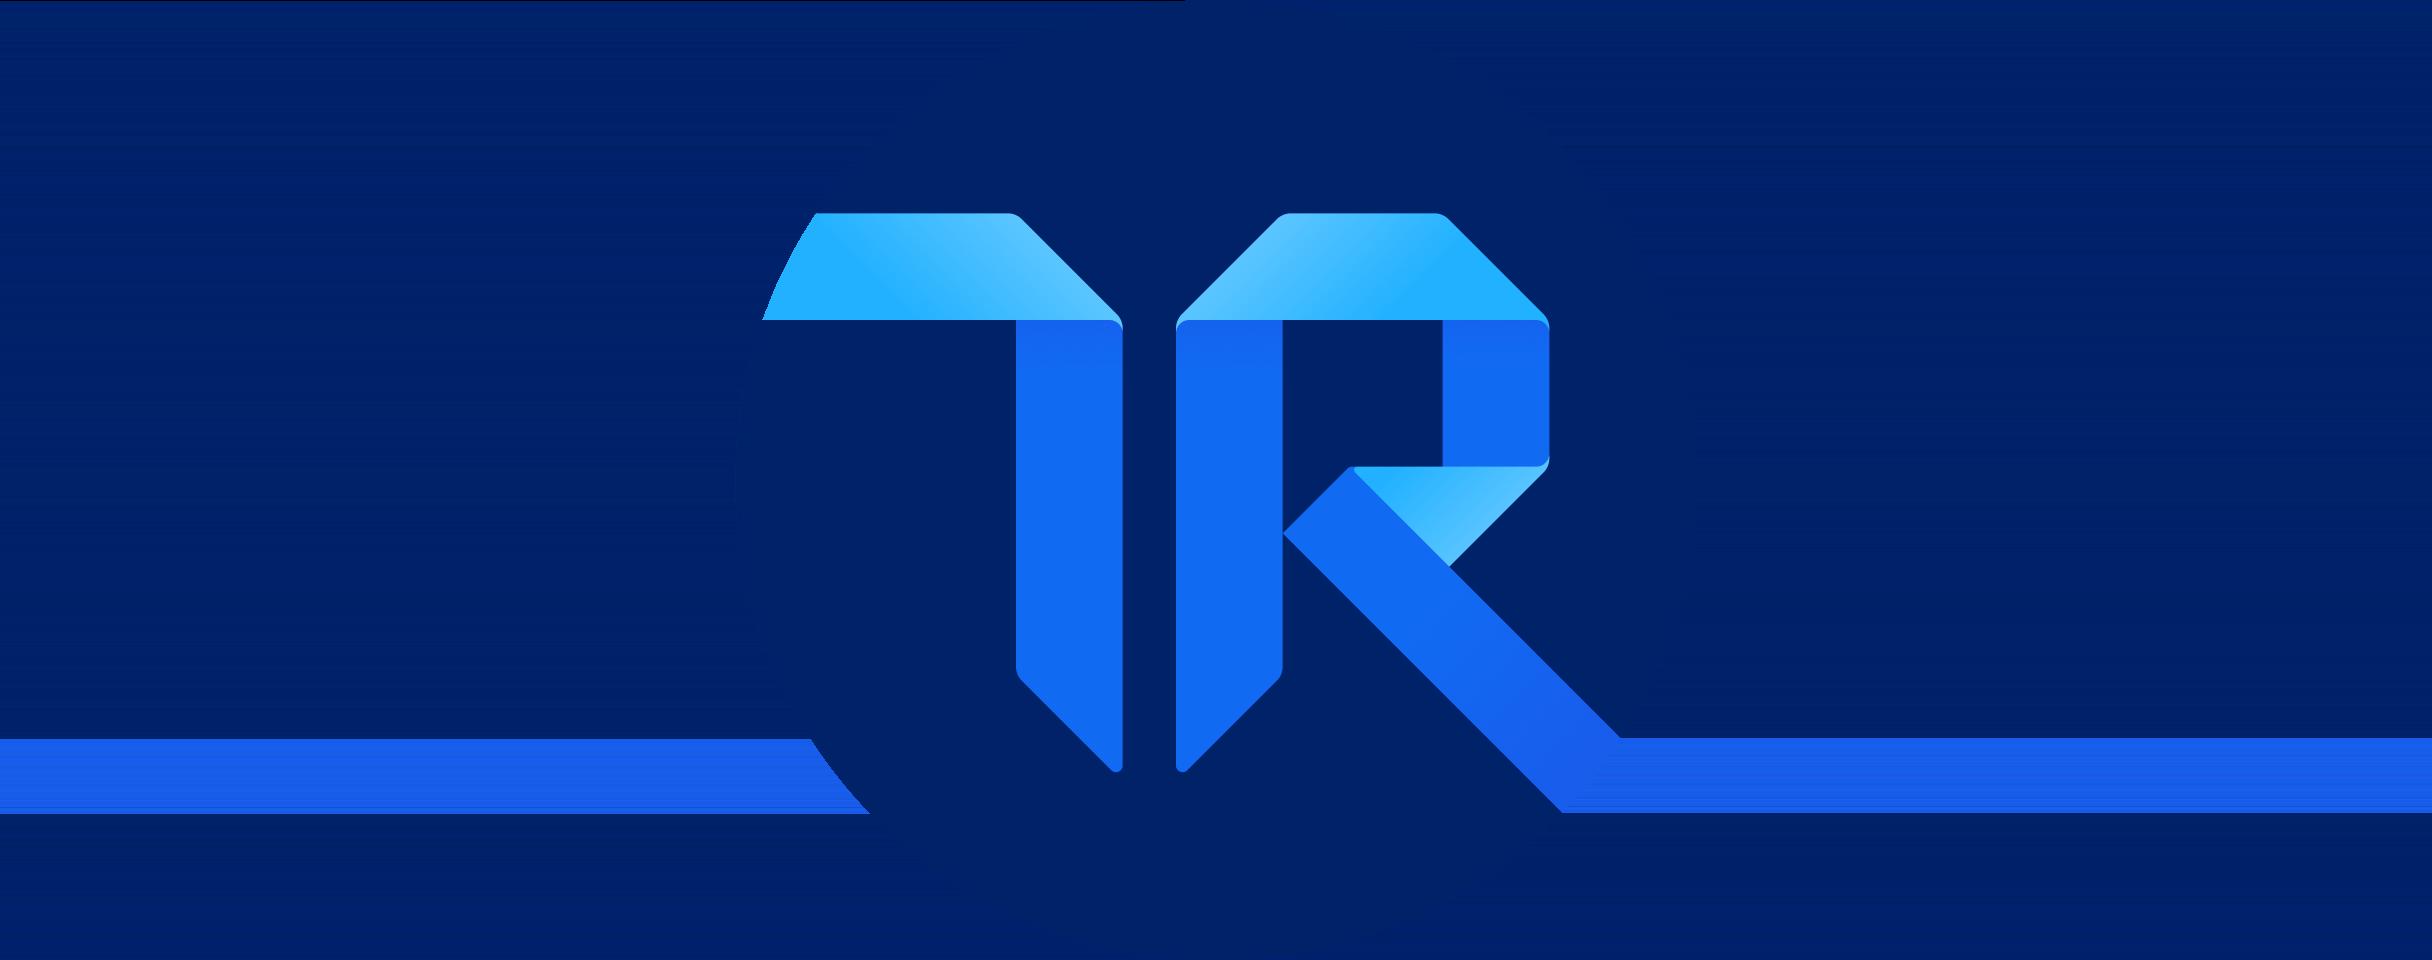 TrustRadius Social Media icon